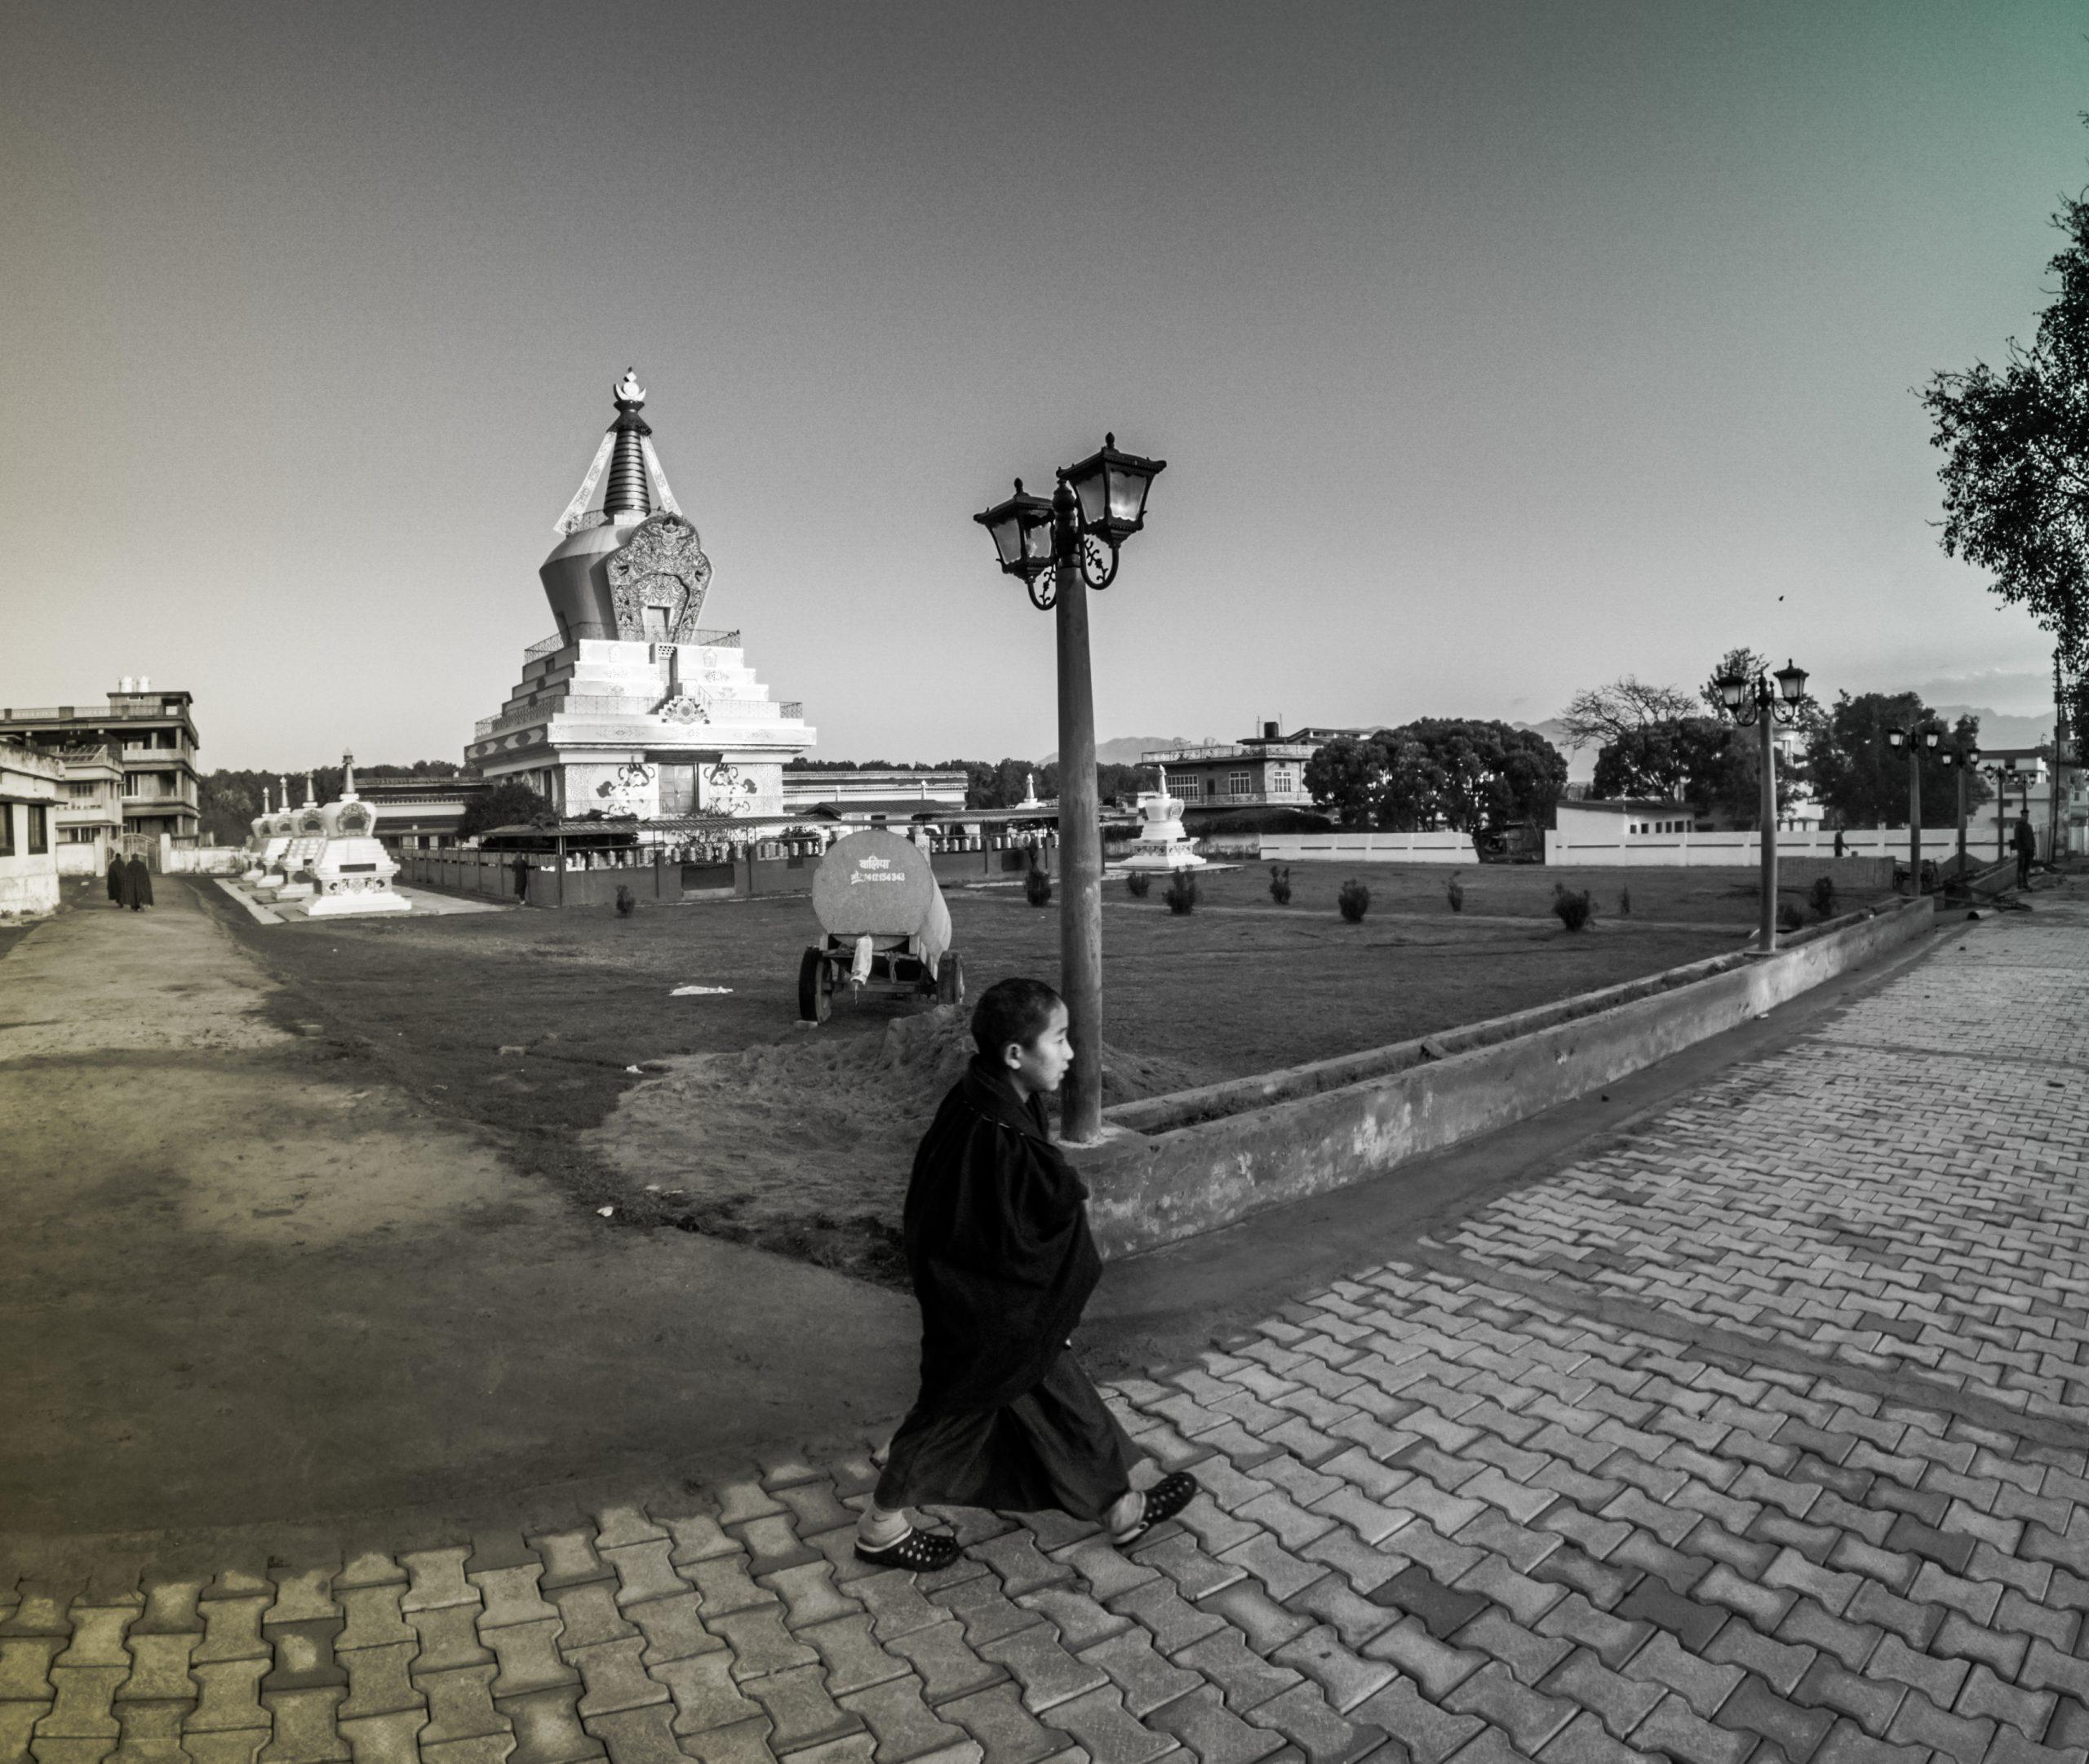 A Buddhist priest walking